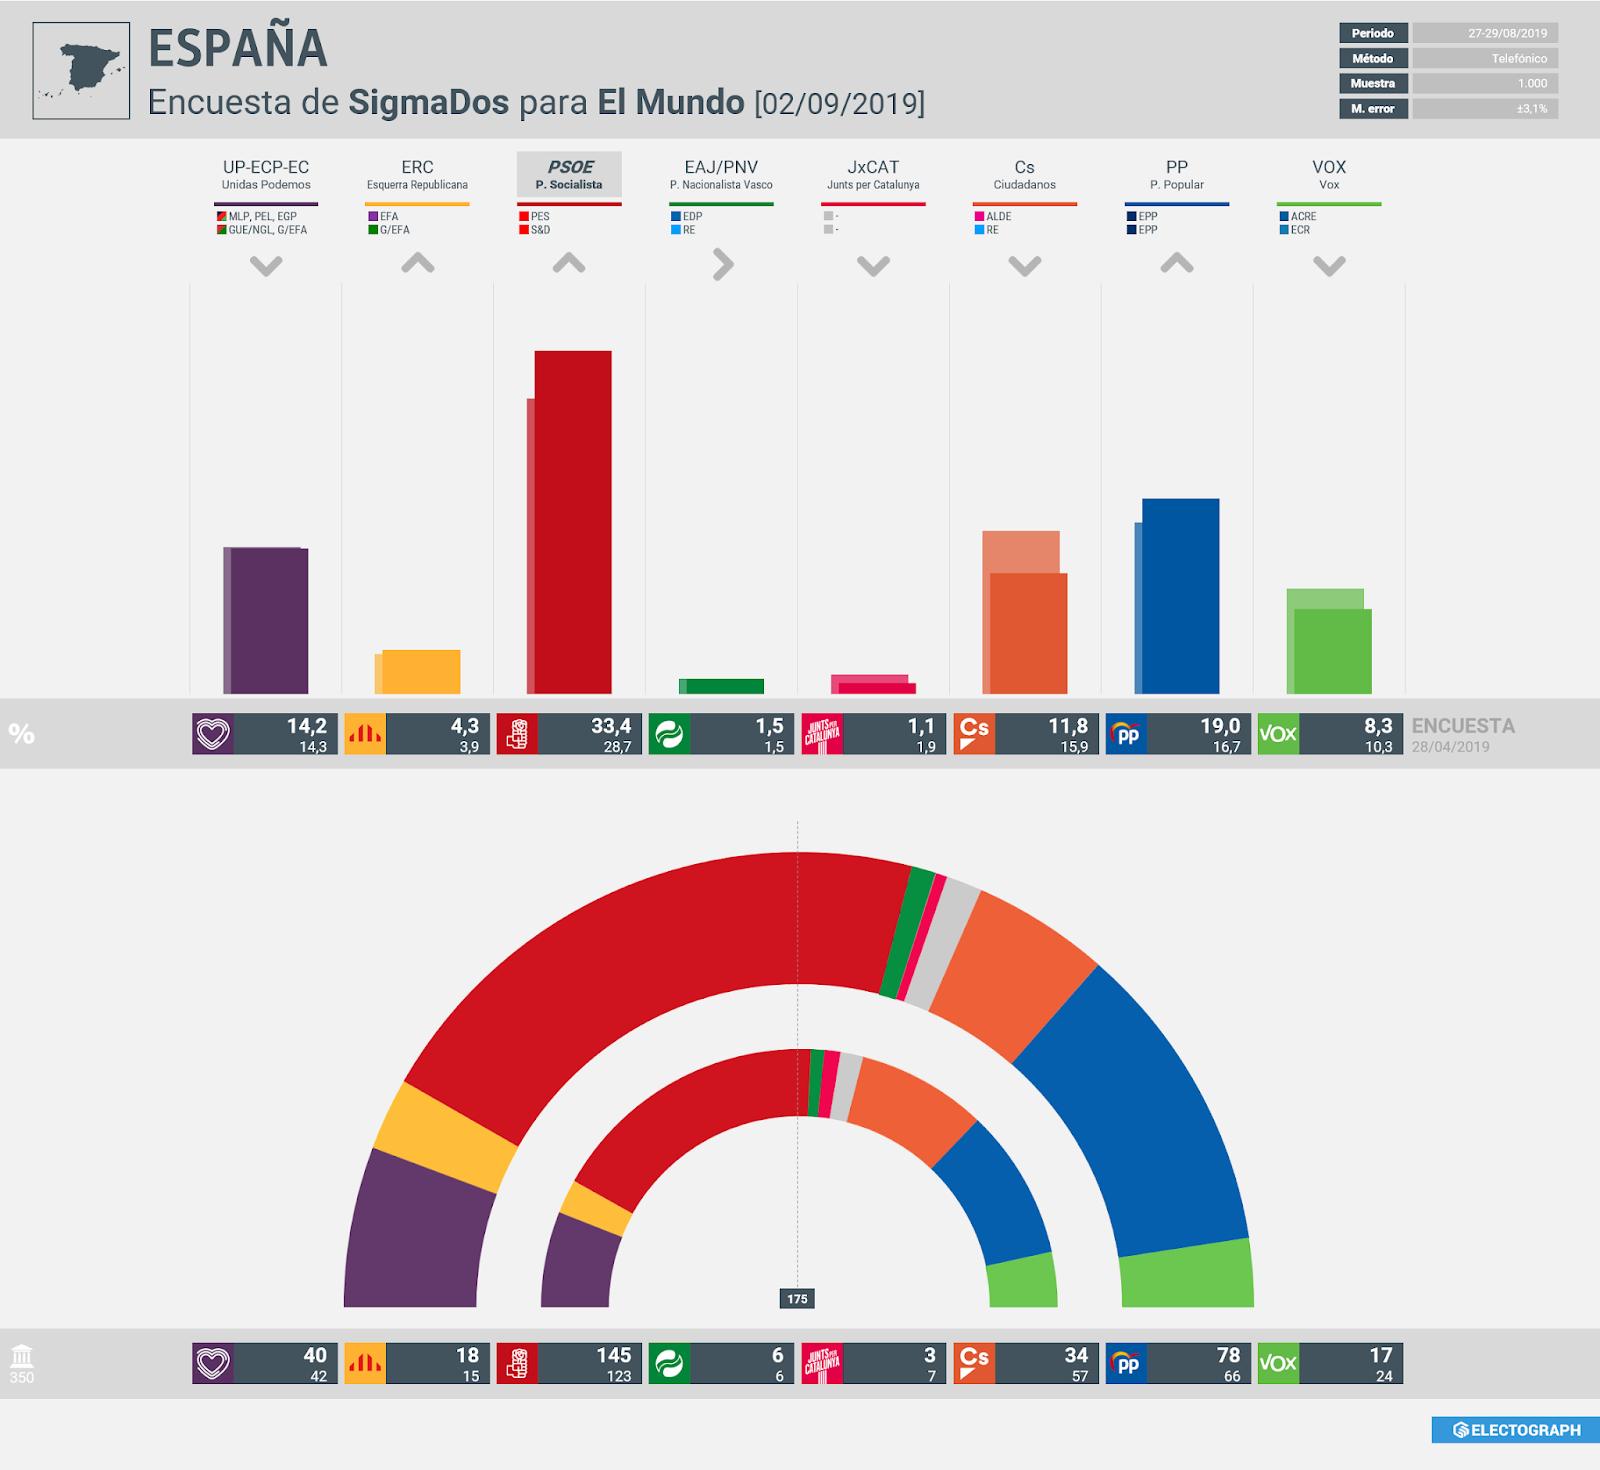 Gráfico de la encuesta para elecciones generales en España realizada por SigmaDos para El Mundo, 2 de septiembre de 2019